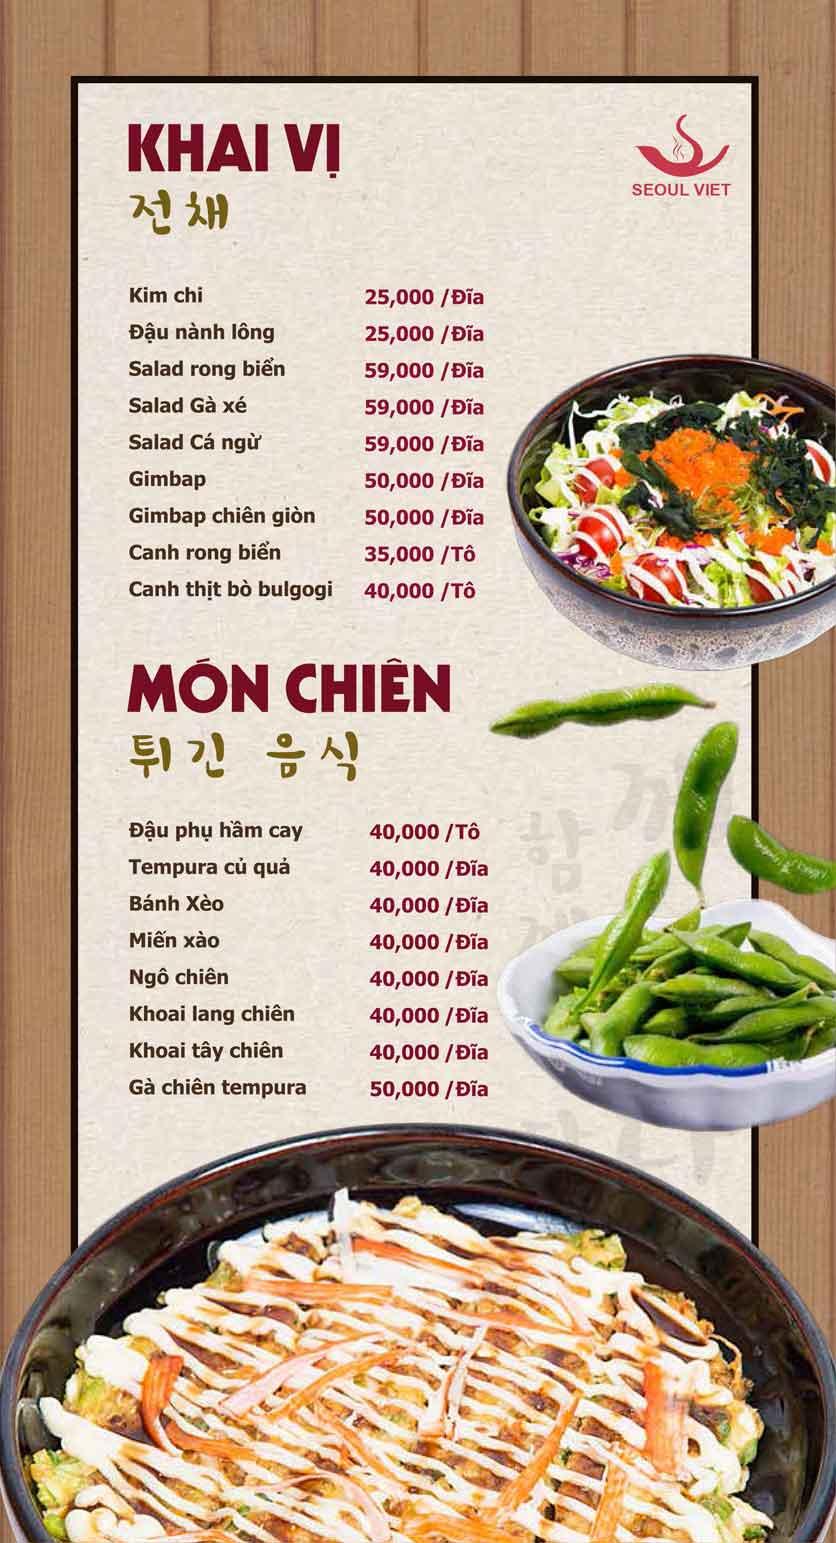 Menu Seoul Viet - Linh Đàm 9